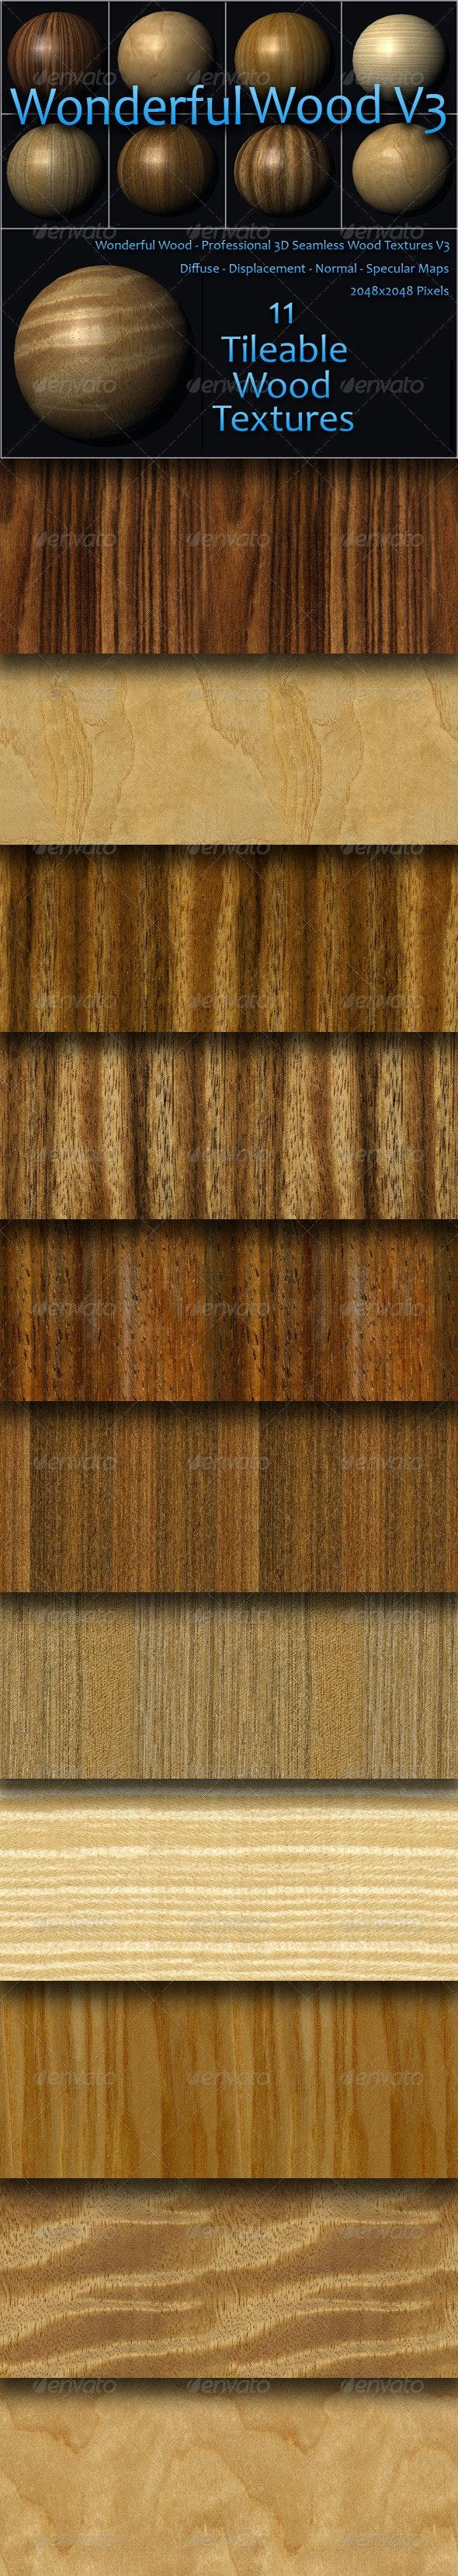 Wonderful Wood Volume Three - Wood Textures